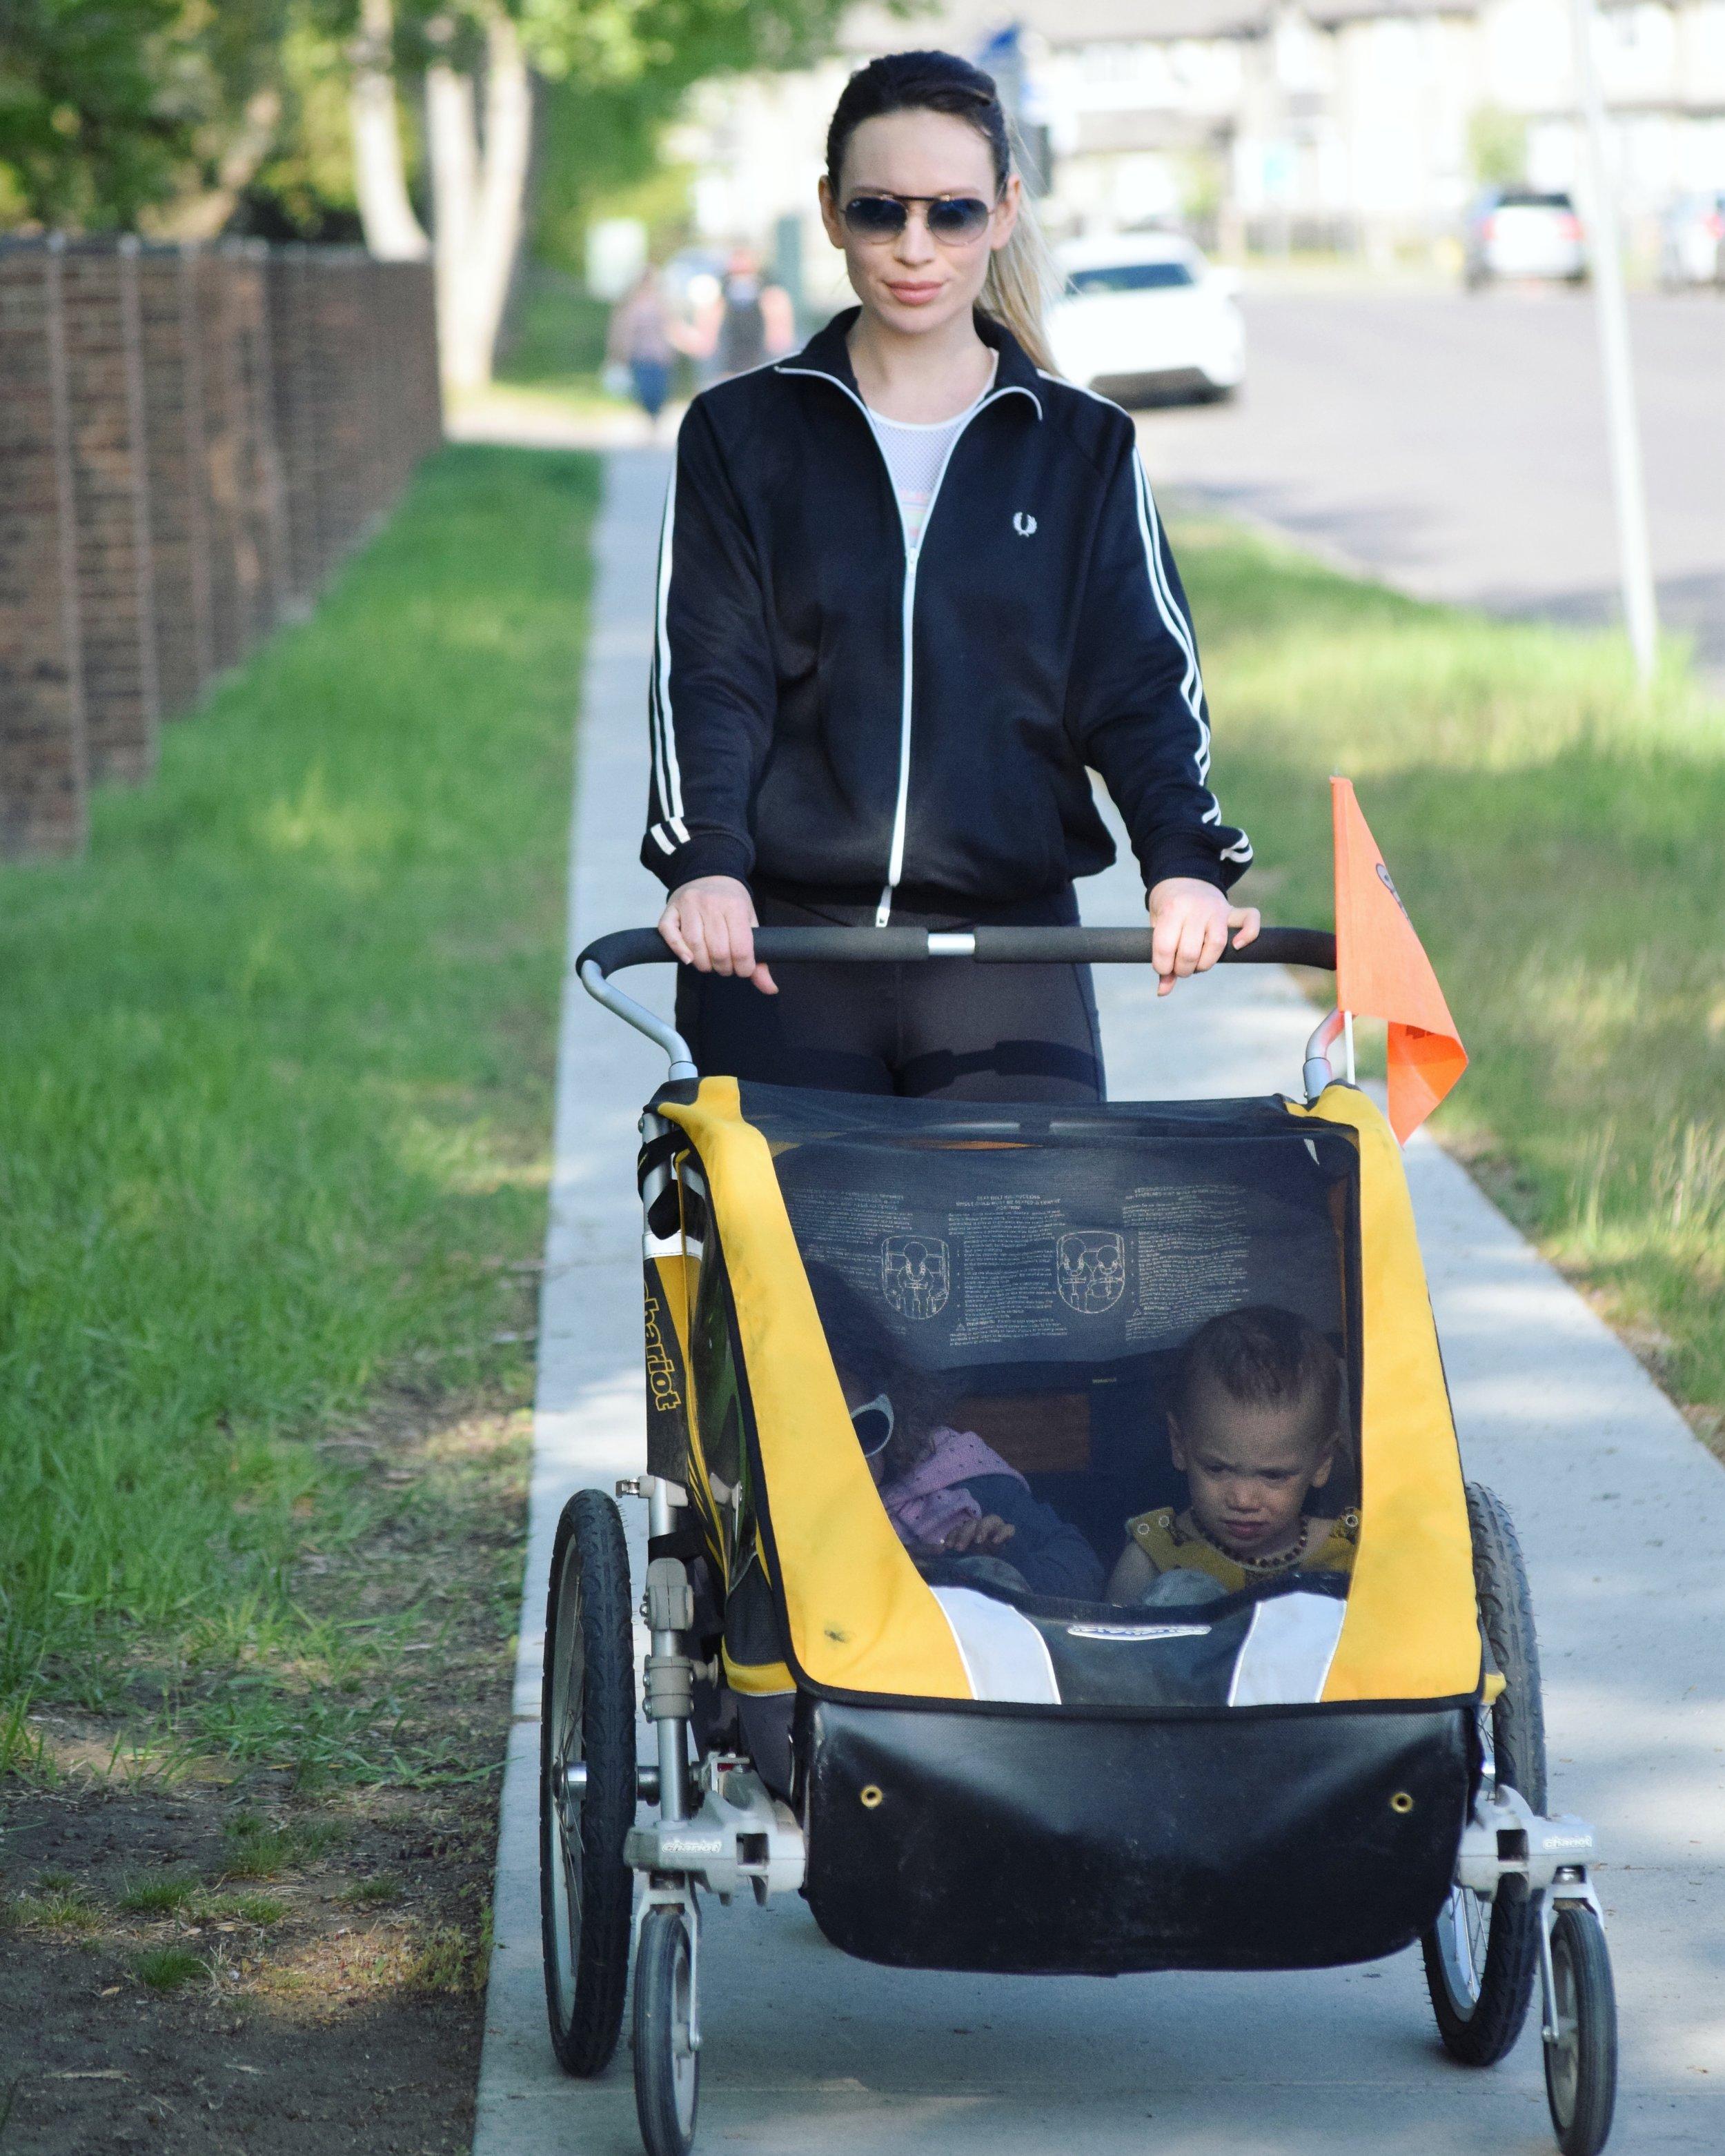 maygen kardash active essentials jogging stroller.jpg